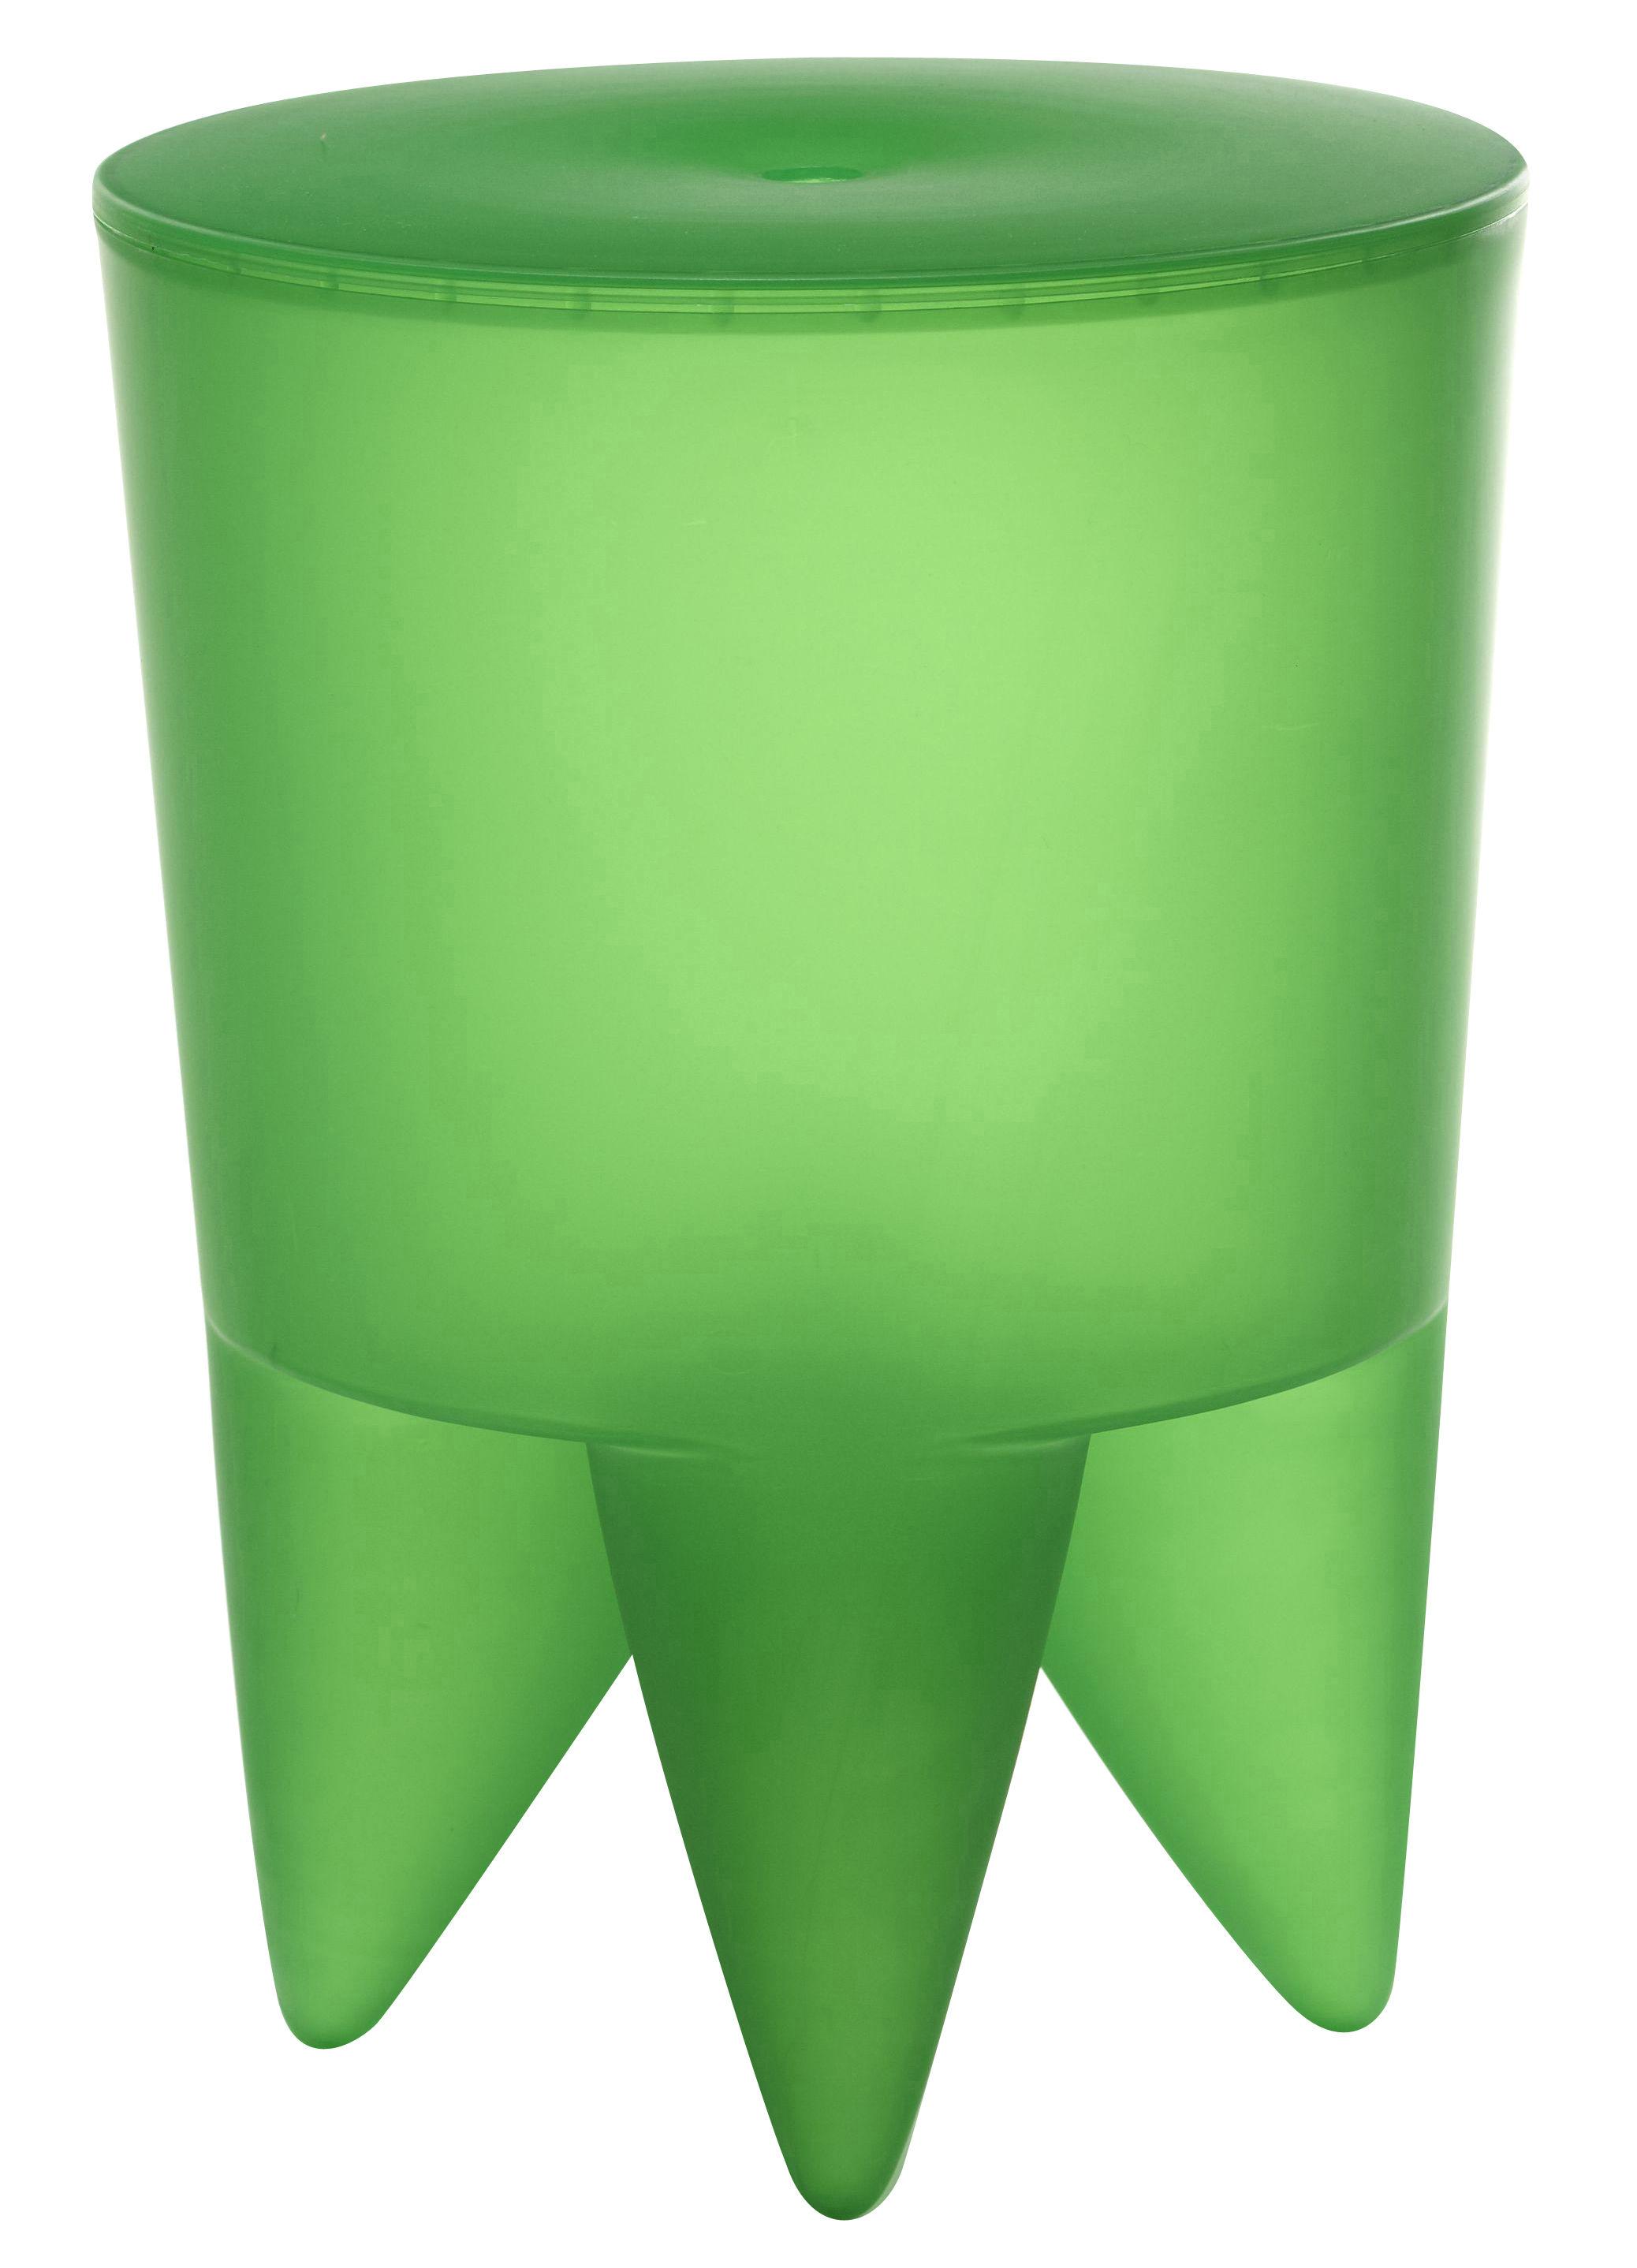 Möbel - Möbel für Teens - New Bubu 1er Hocker Durchsichtig - XO - Rasengrün durchschtig - Polypropylen